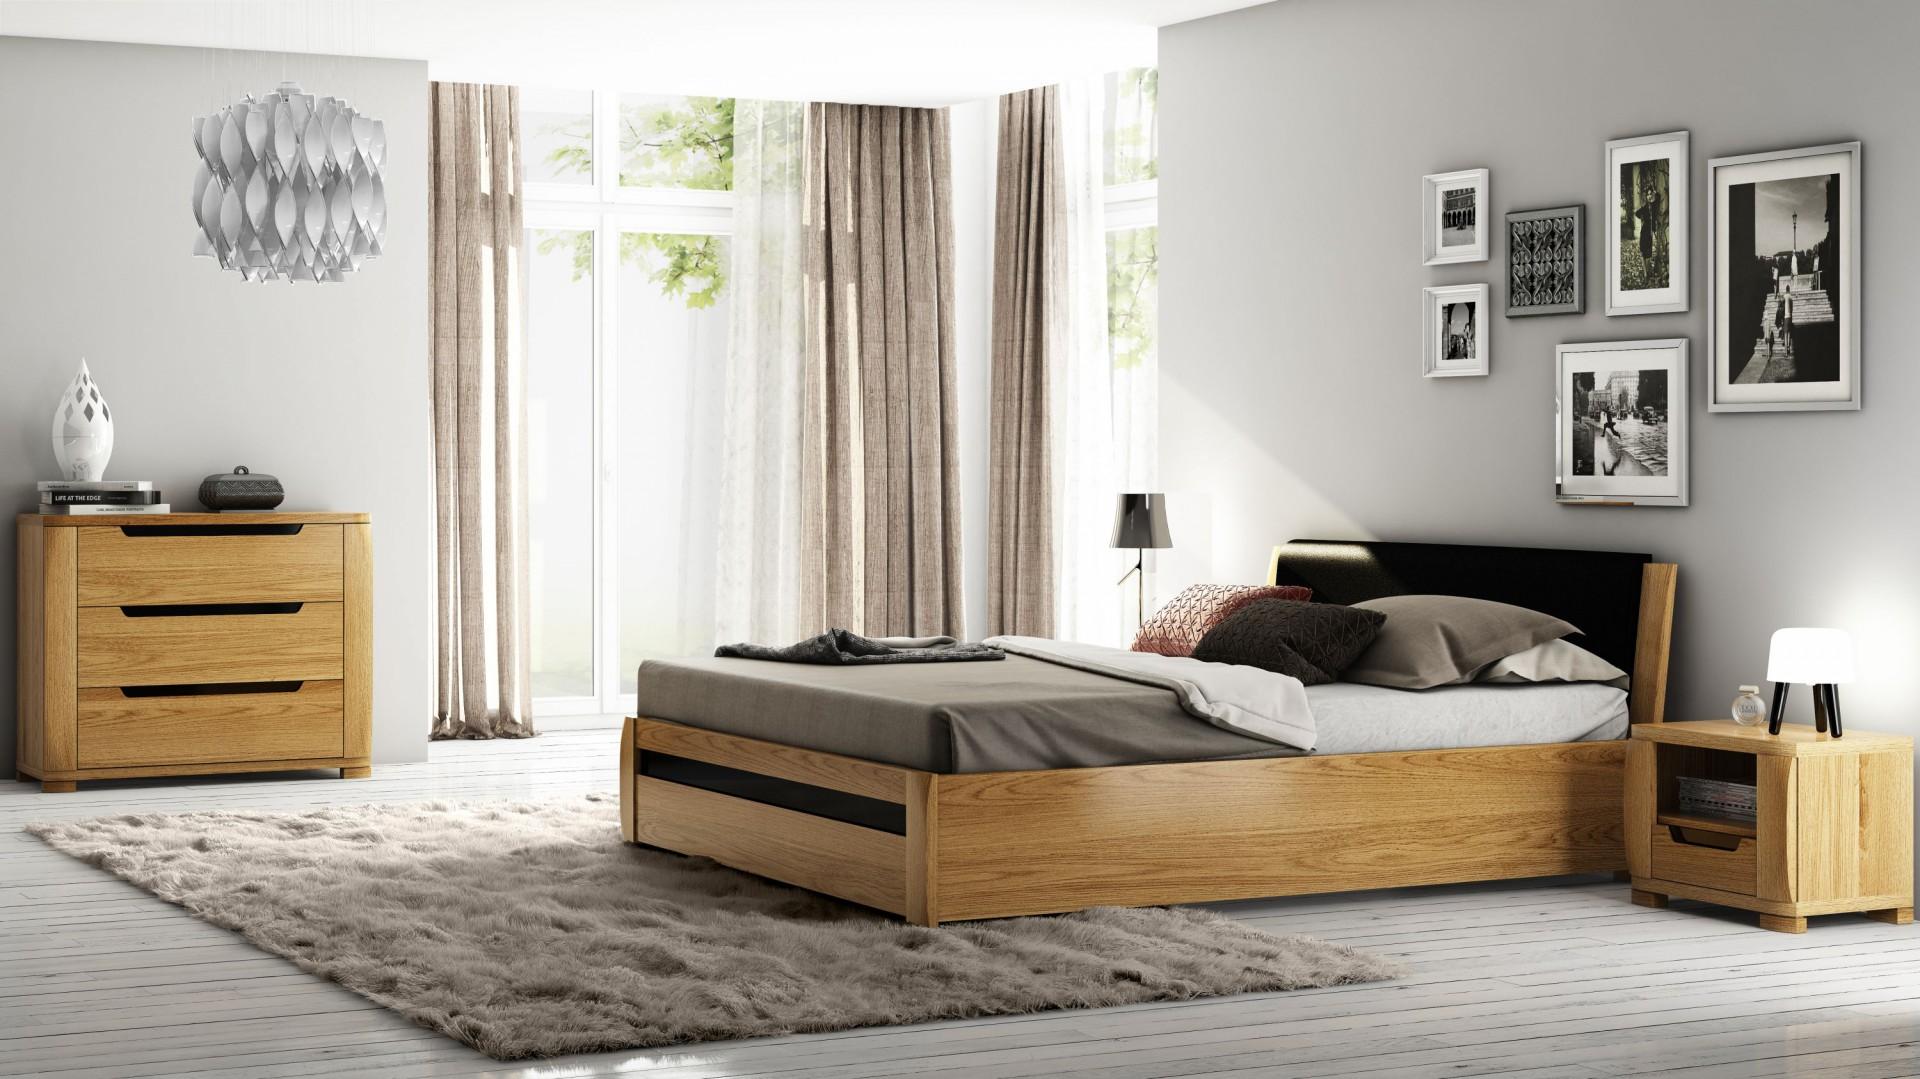 Wybieramy Meble Drewno W Sypialni 15 Najpiekniejszych Kolekcji